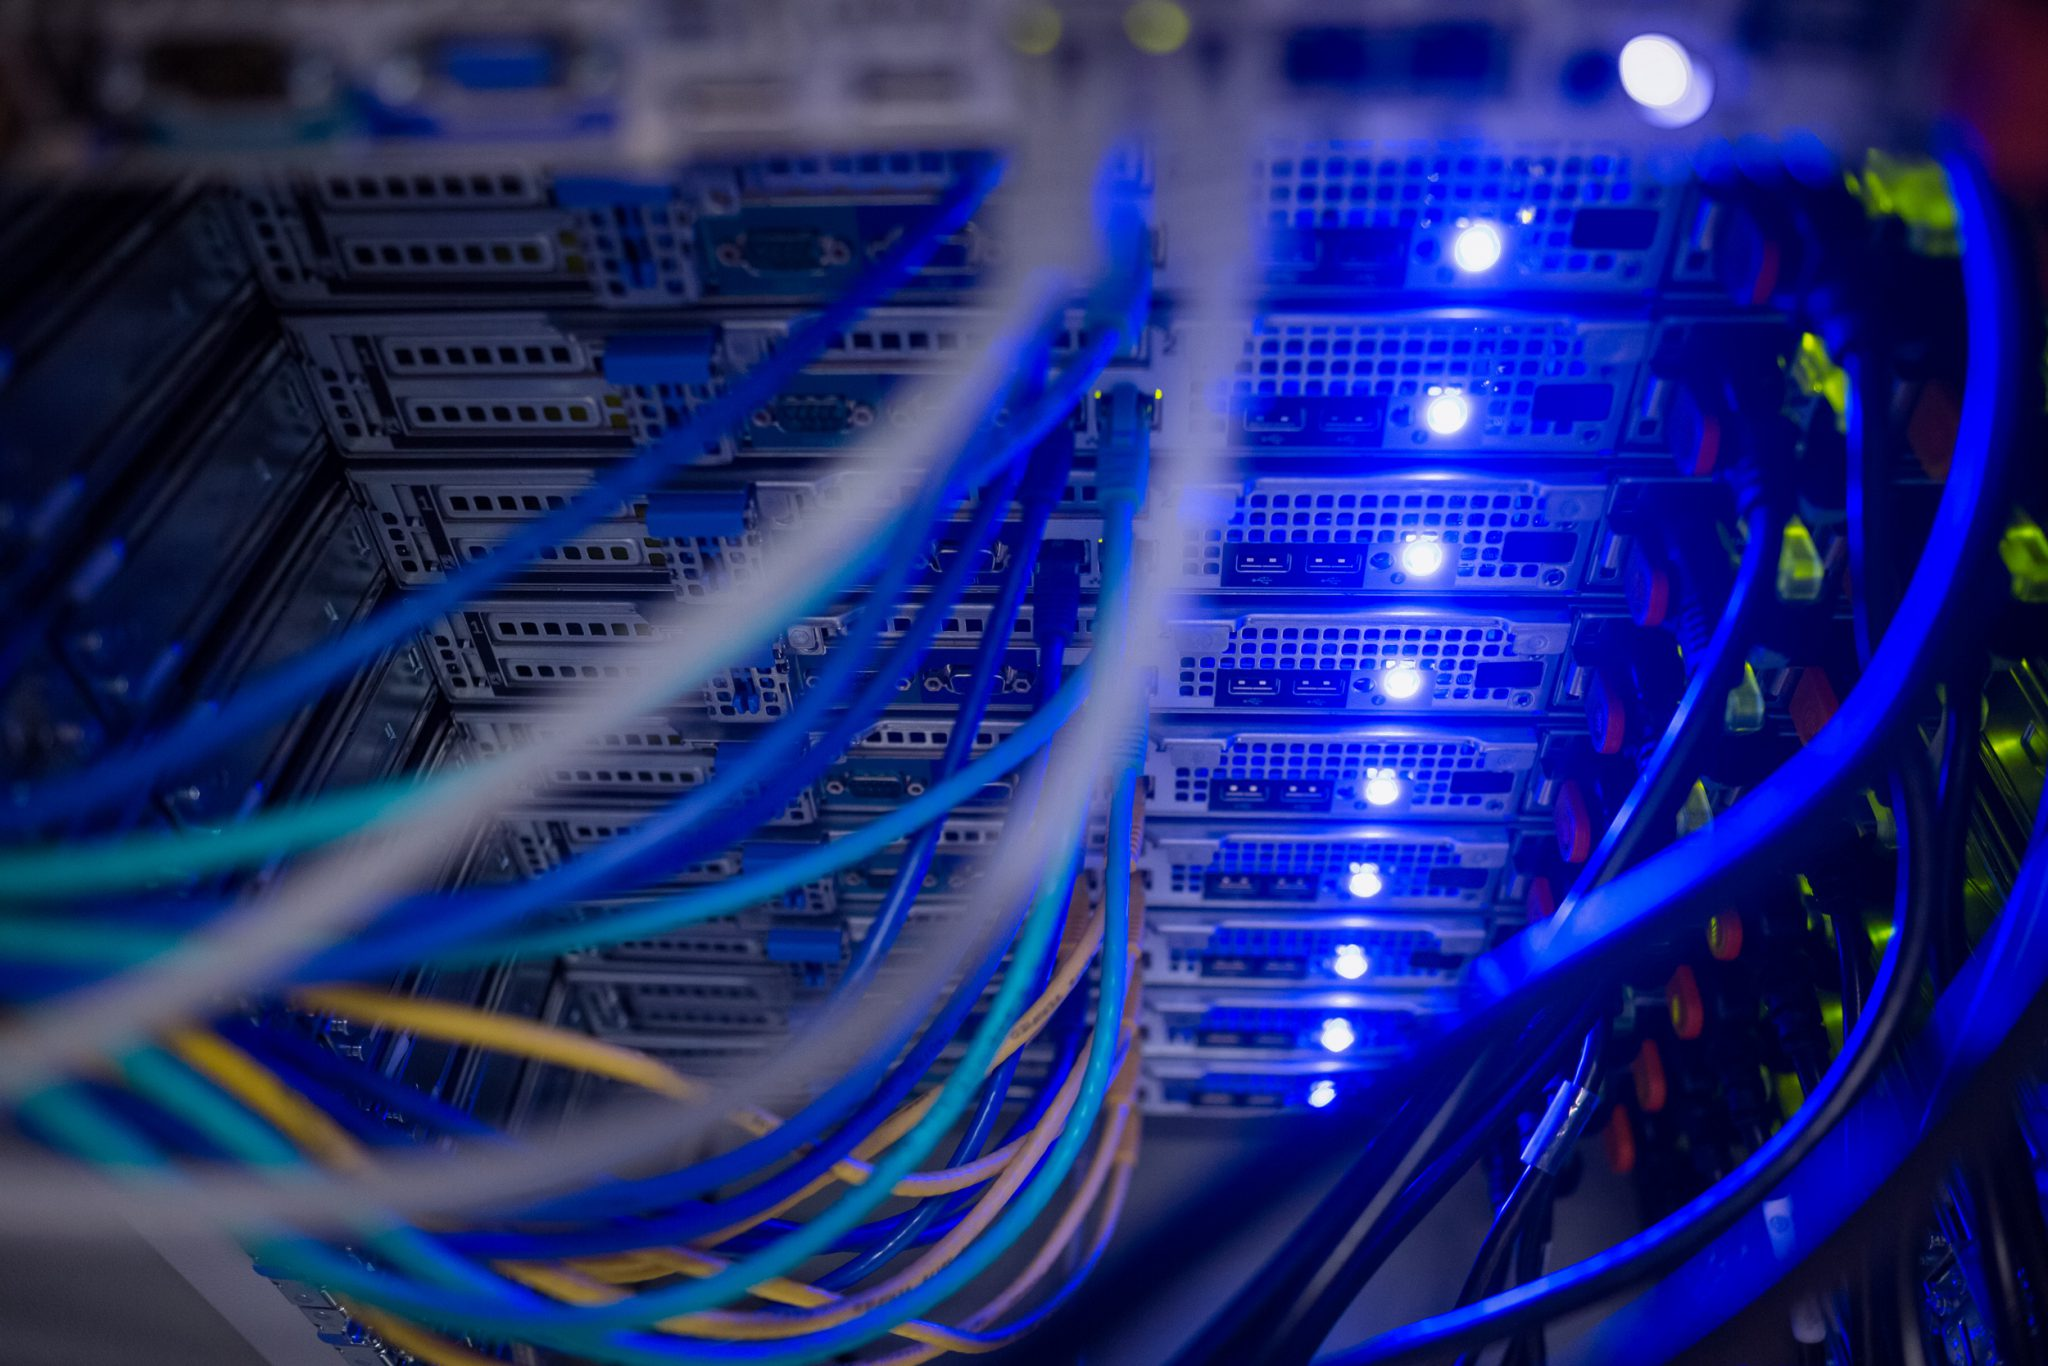 OLMA & Inovace serverové infrastruktury | ORBIT